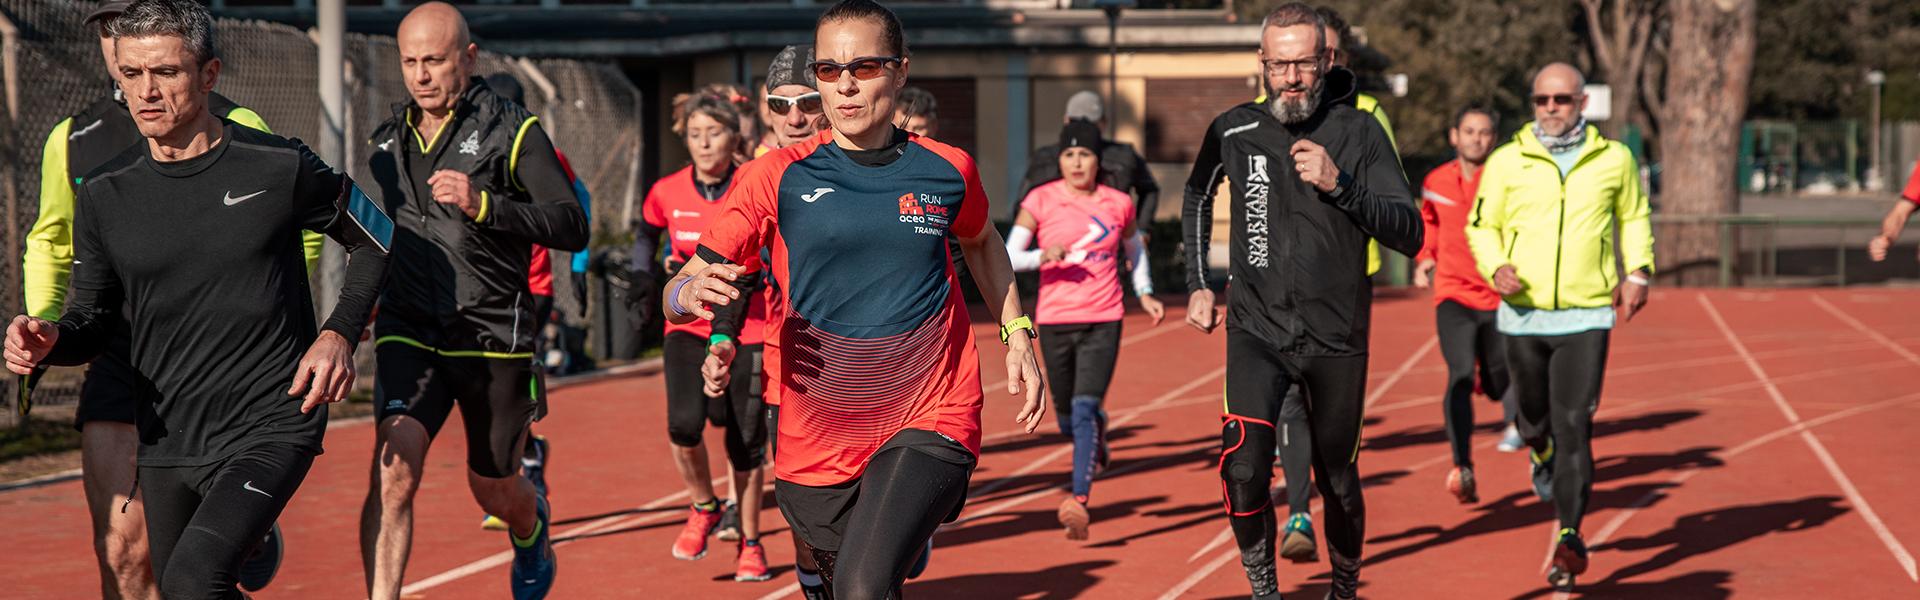 Centocelle protagonista per i 'Get Ready', gli allenamenti dell'Acea Run Rome The Marathon